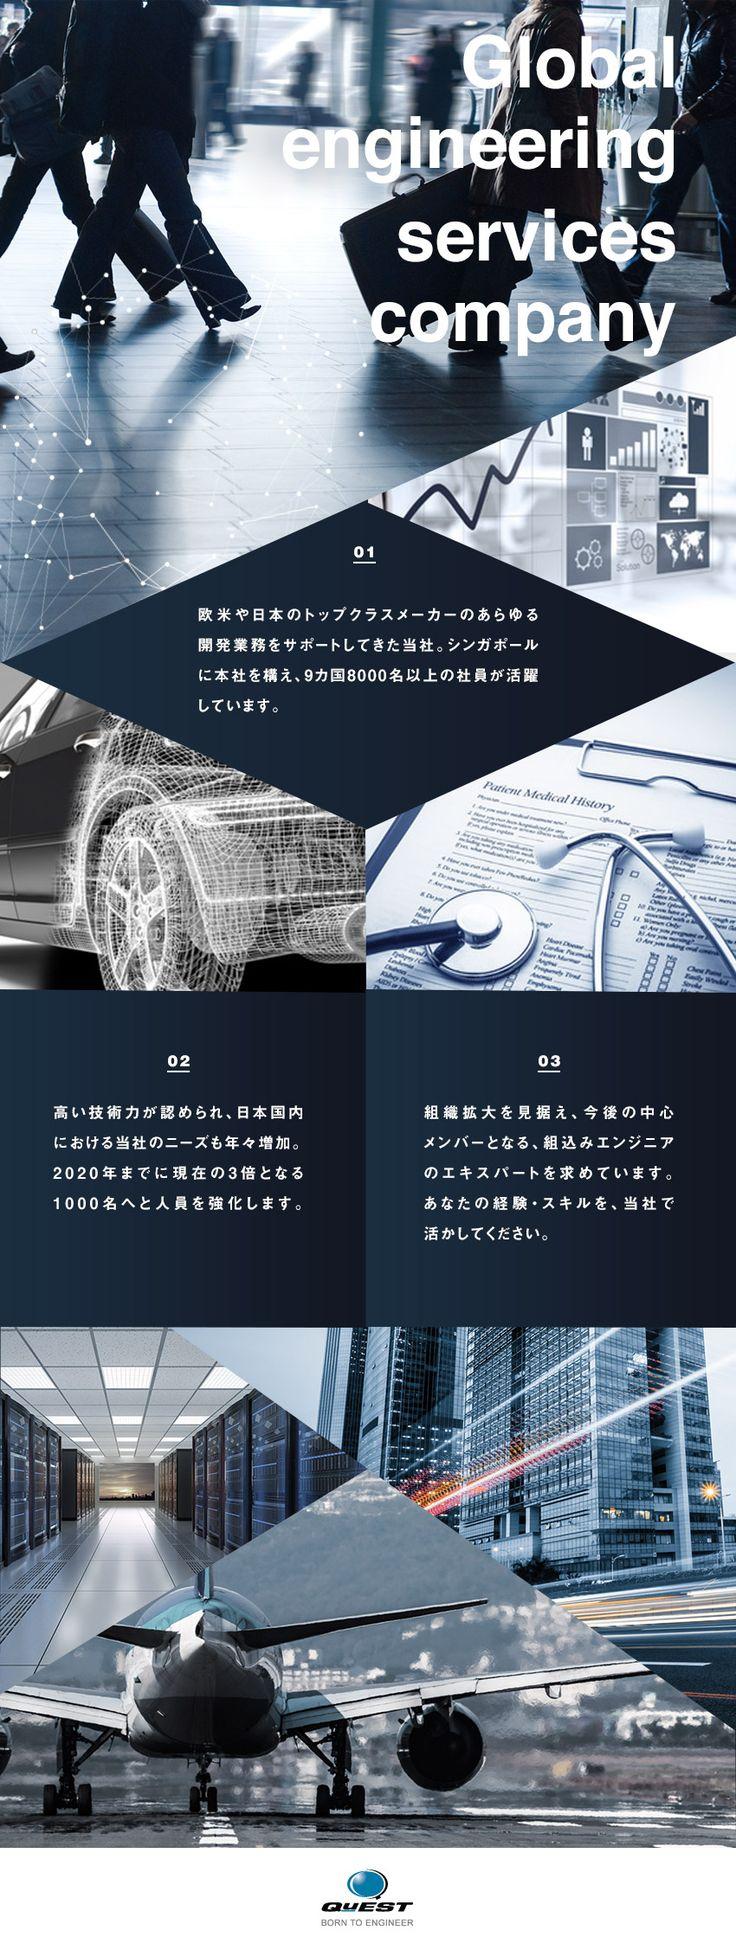 QuEST Global Services Pte.Ltd.(クエスト・グローバル・サービス)/アプリケーションエンジニア(スマートフォンアプリ・センサーの検証・開発)/年収例800万円(38歳)の求人PR - 転職ならDODA(デューダ)